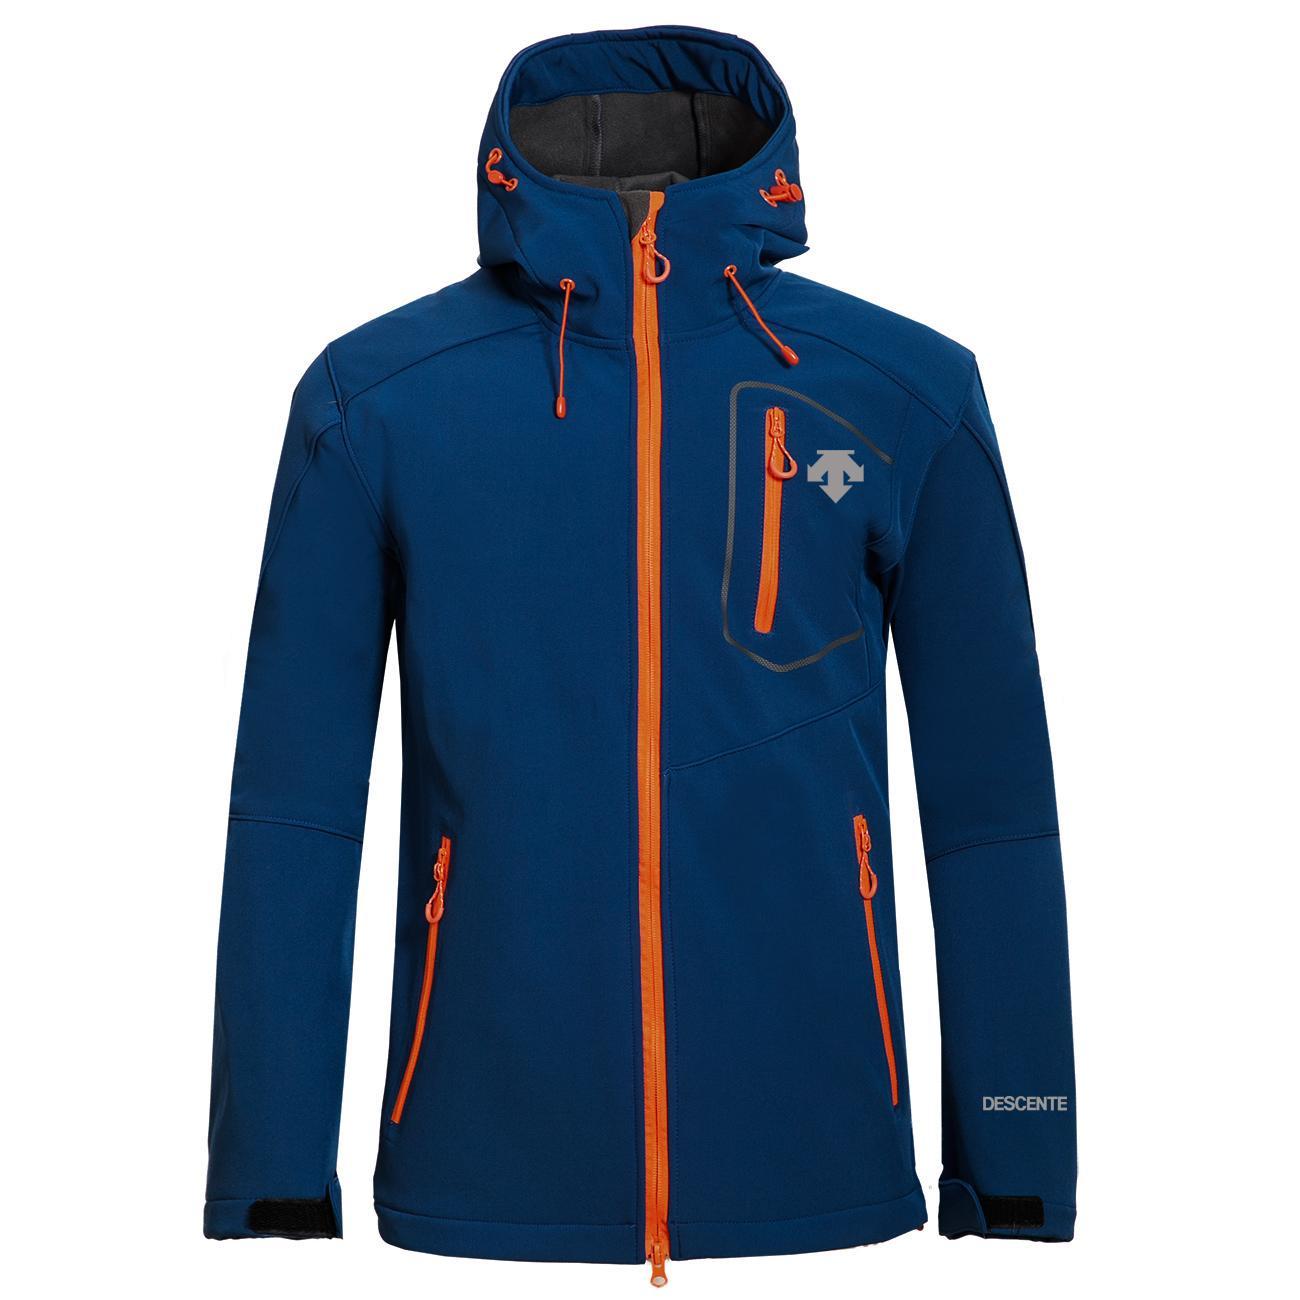 2019 nuovo The North mens DESCENTE Giacche Felpe Moda caldo casuale antivento sci Viso Cappotti All'aperto Denali Fleece Jackets 03